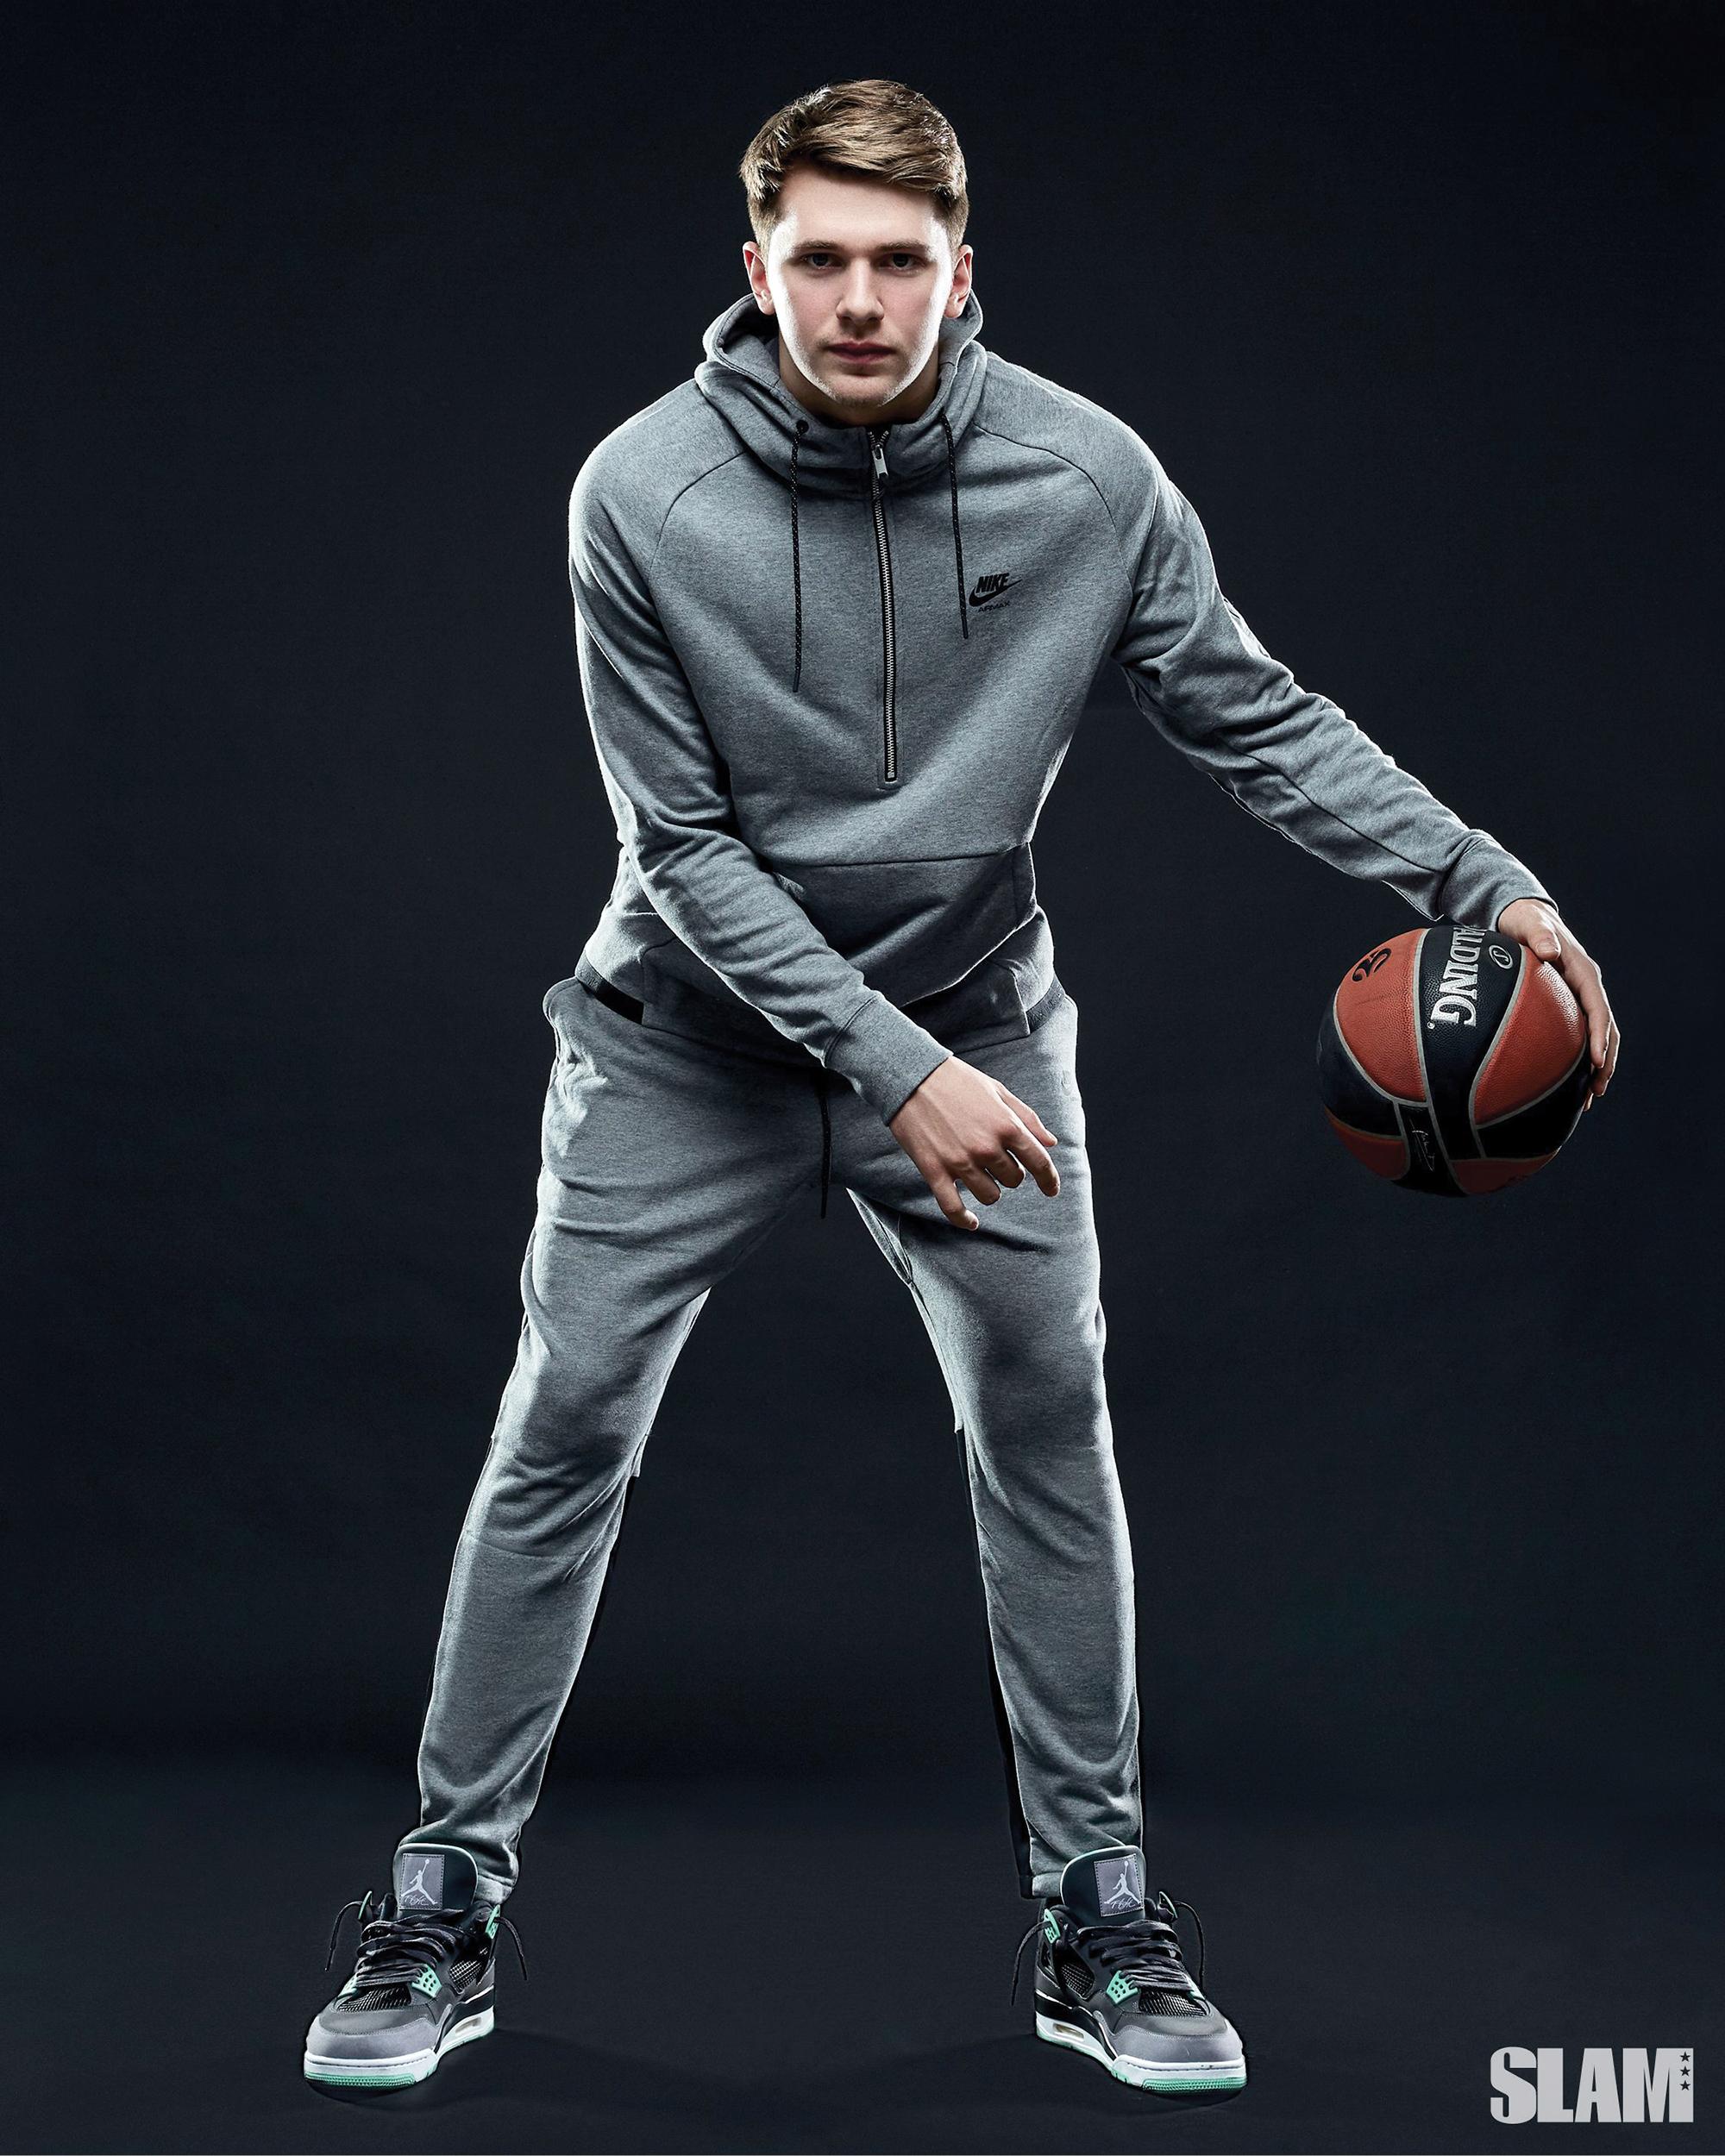 NBA-ийн шинэ, залуу од Лука Дончич гэж хэн бэ?